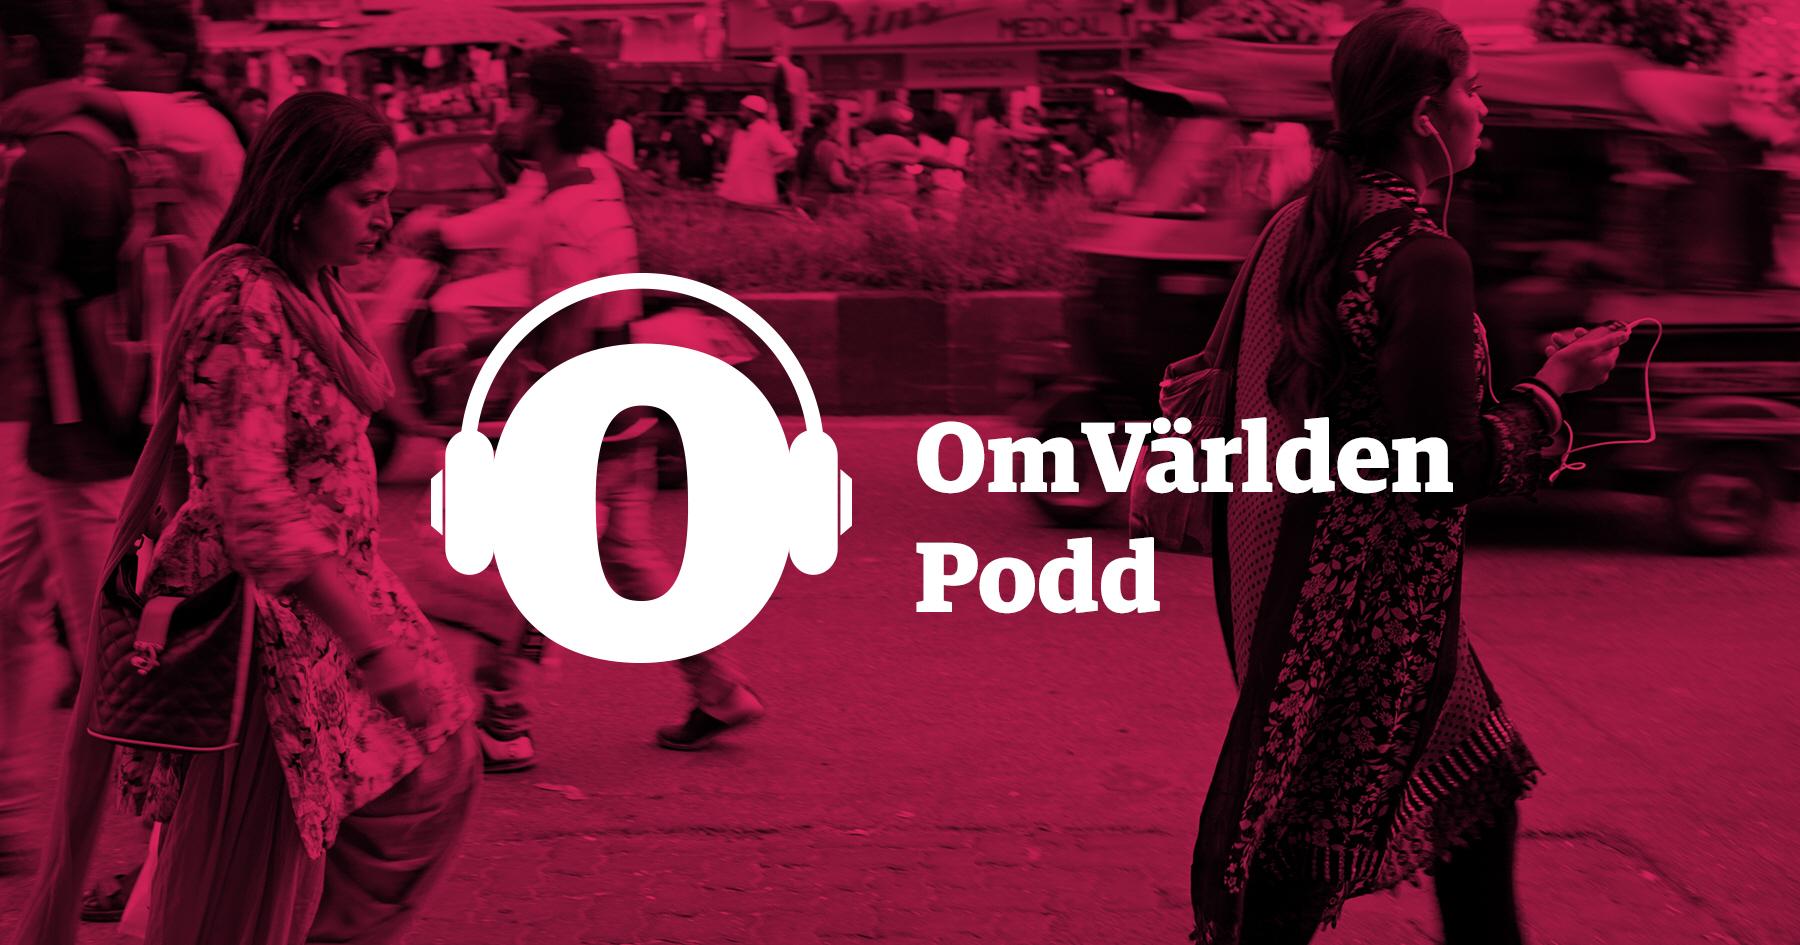 Hur blir biståndet med den nya regeringen? Hör OmVärldens redaktion diskutera valet av ny biståndsminister och framtiden för svenskt bistånd och Agenda 2030.